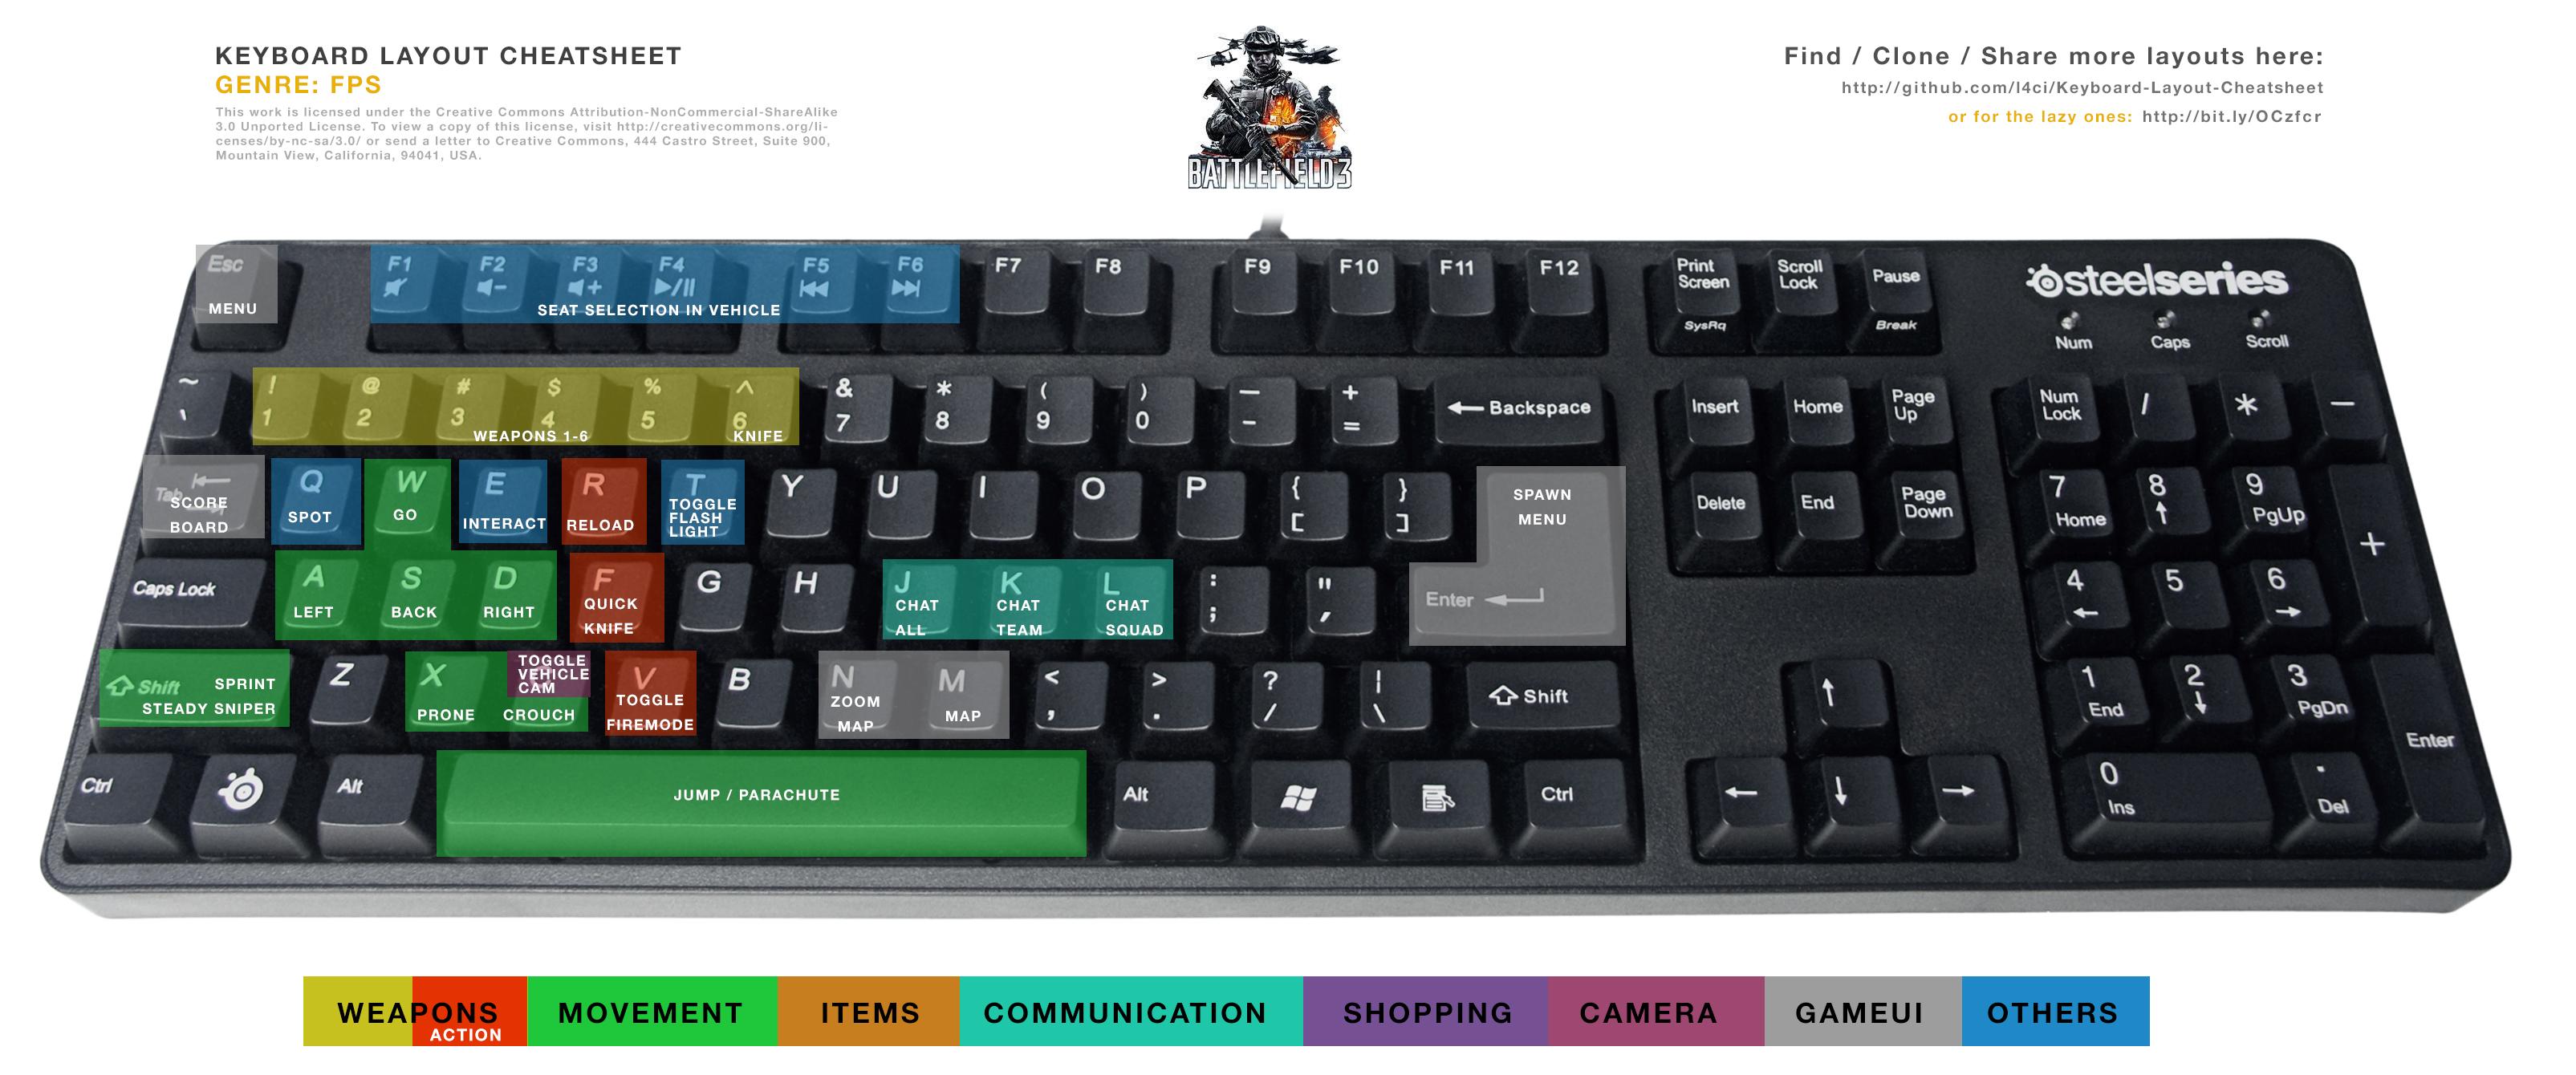 bf3 keyboard cheatsheet